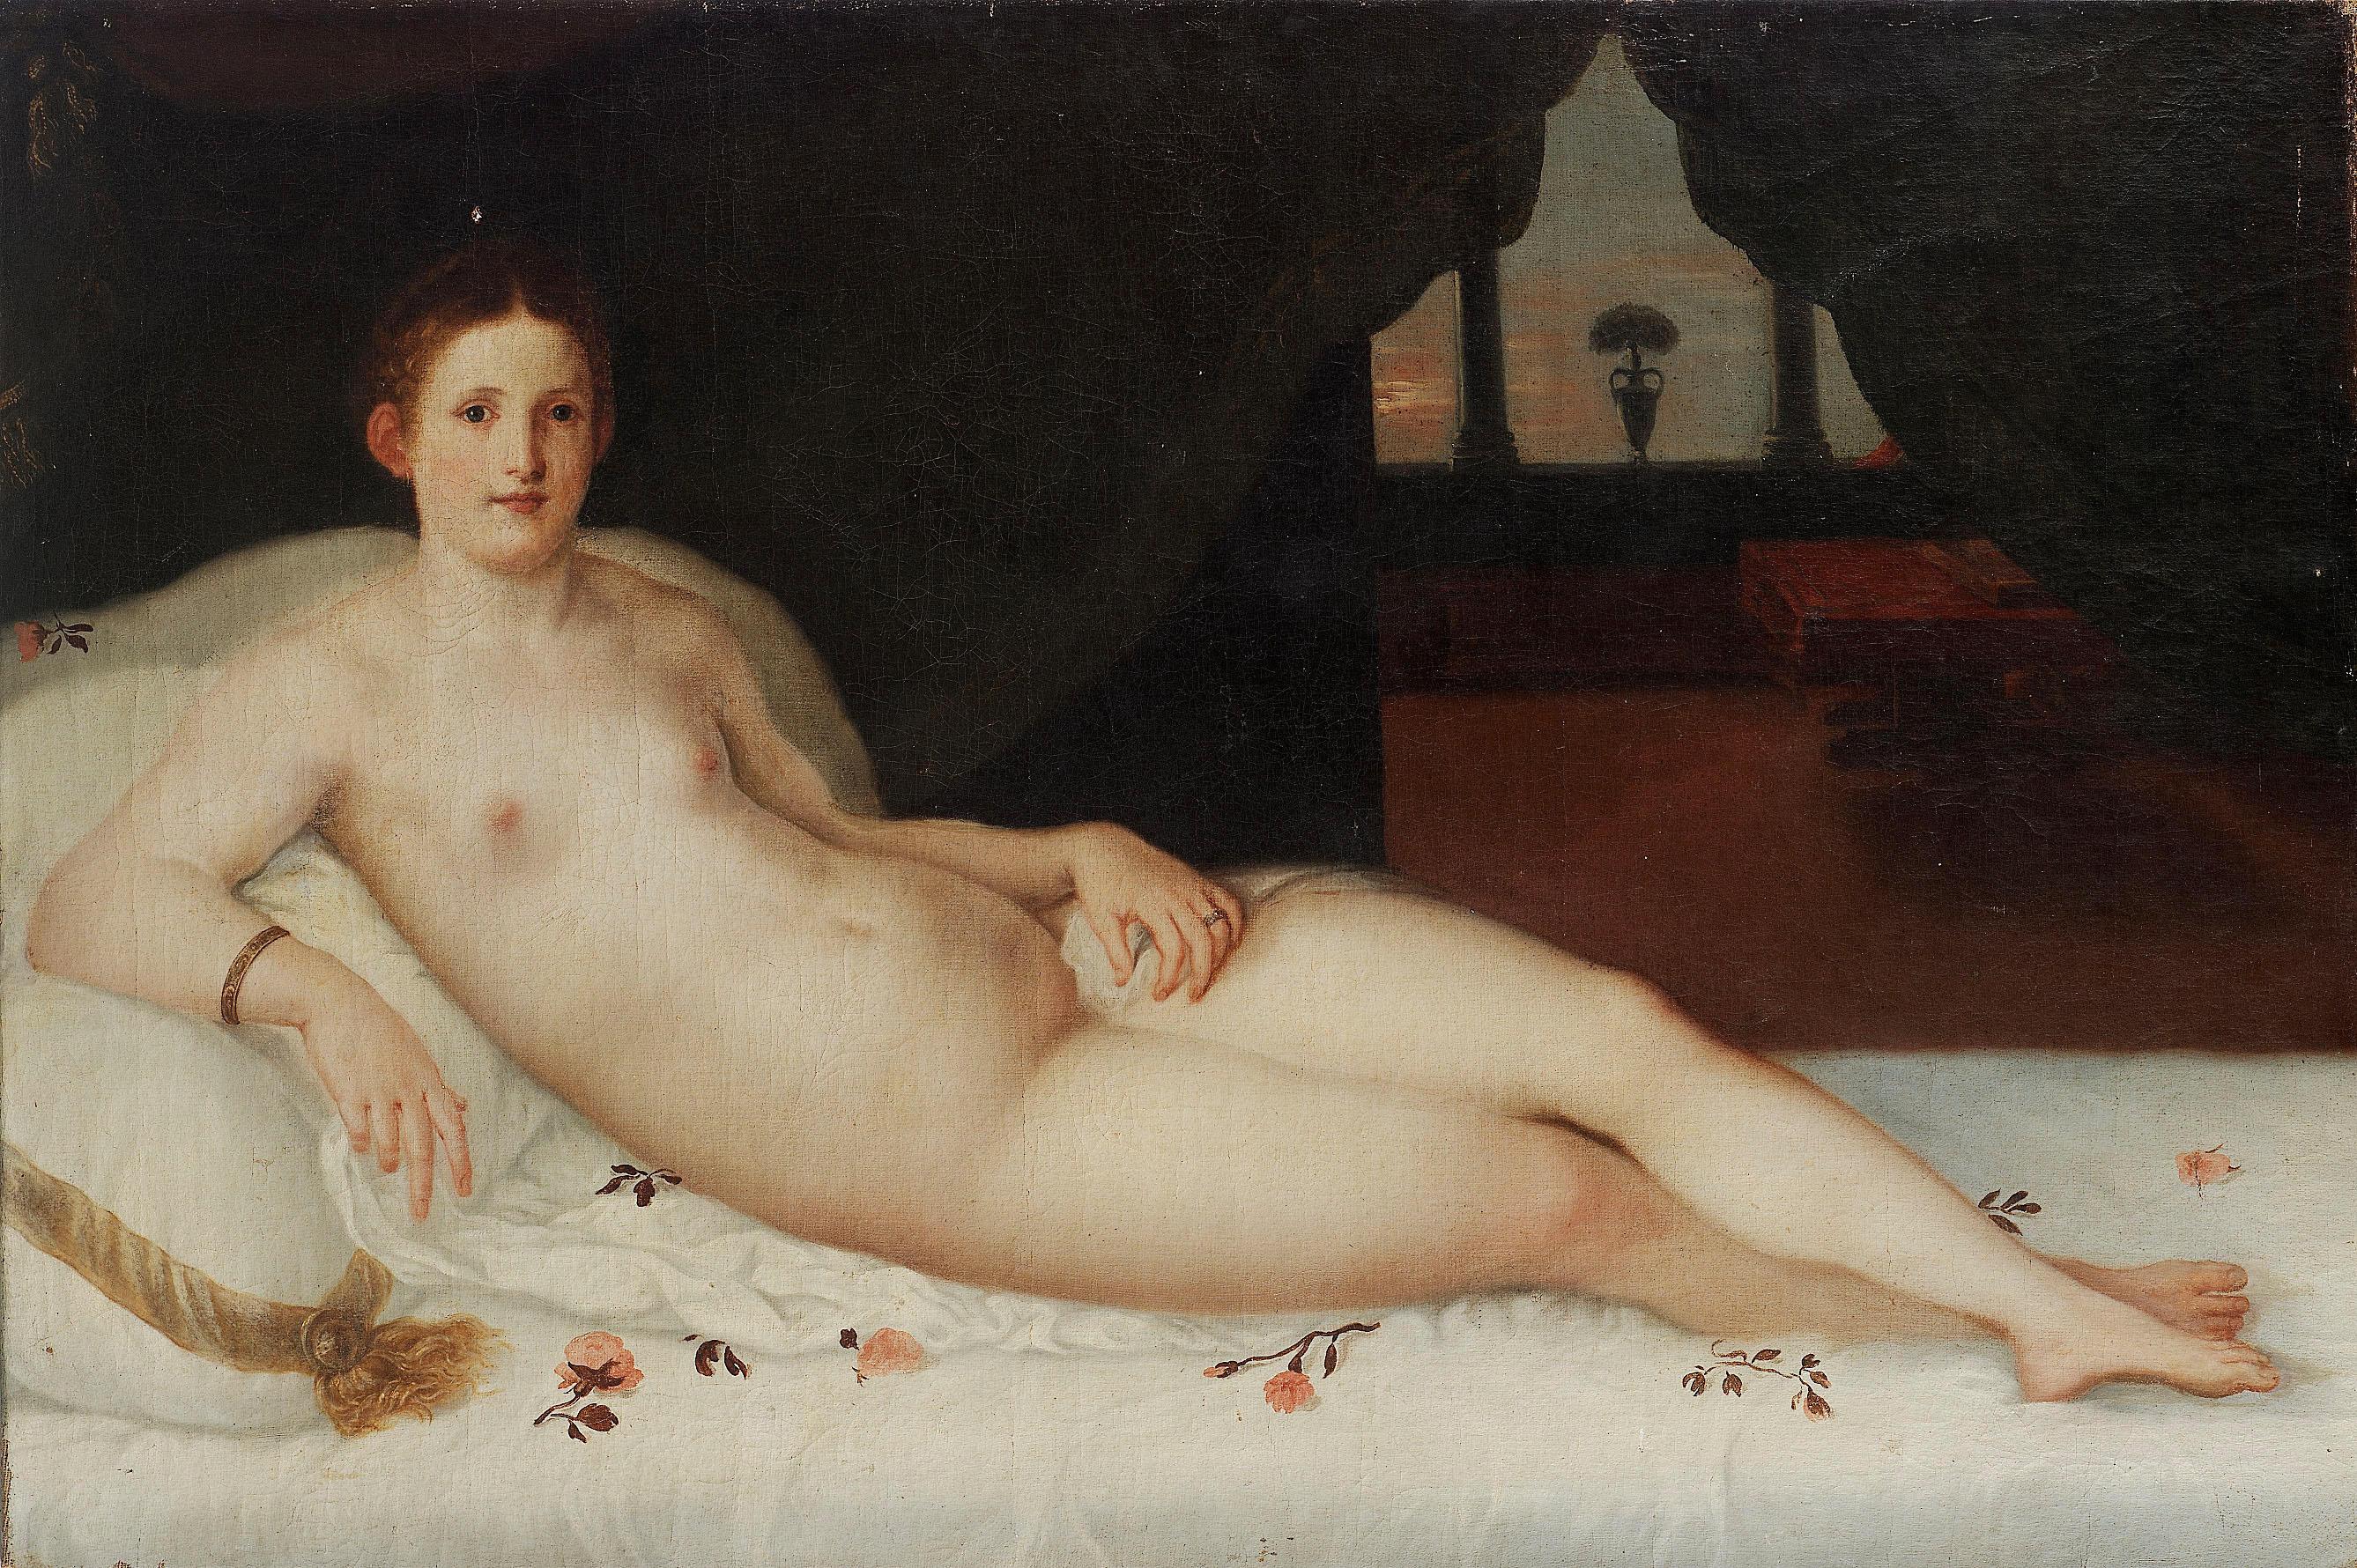 Венецианская школа XVII в. Отдыхающая Венера. 101 x 150 см. частная коллекция